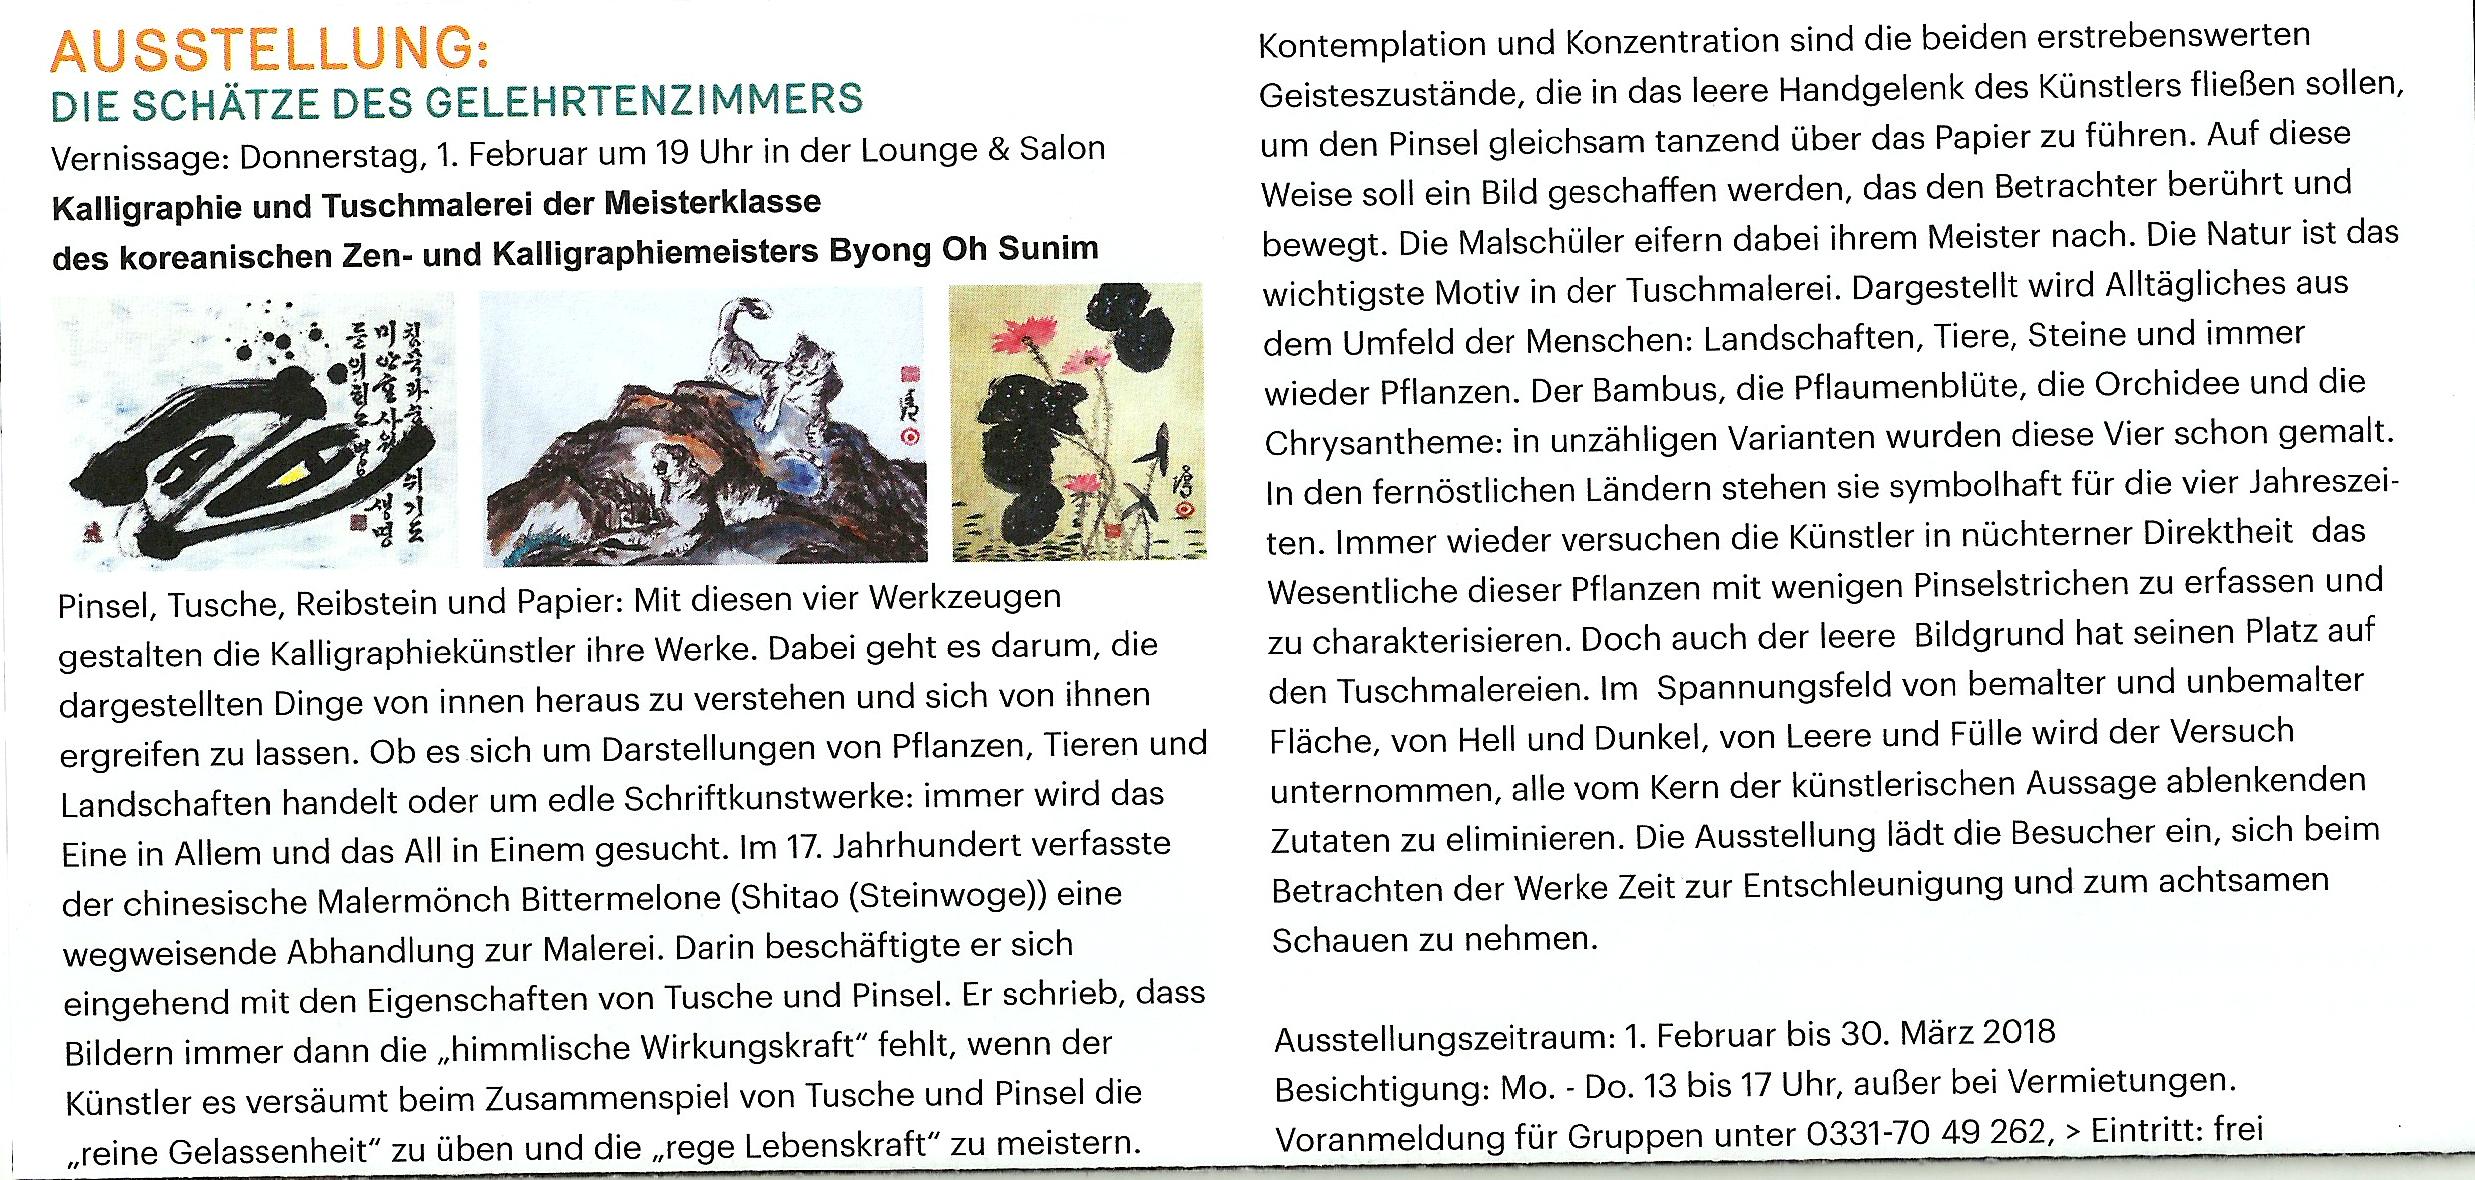 Flyer Austellung Kulturhaus Babelsberg